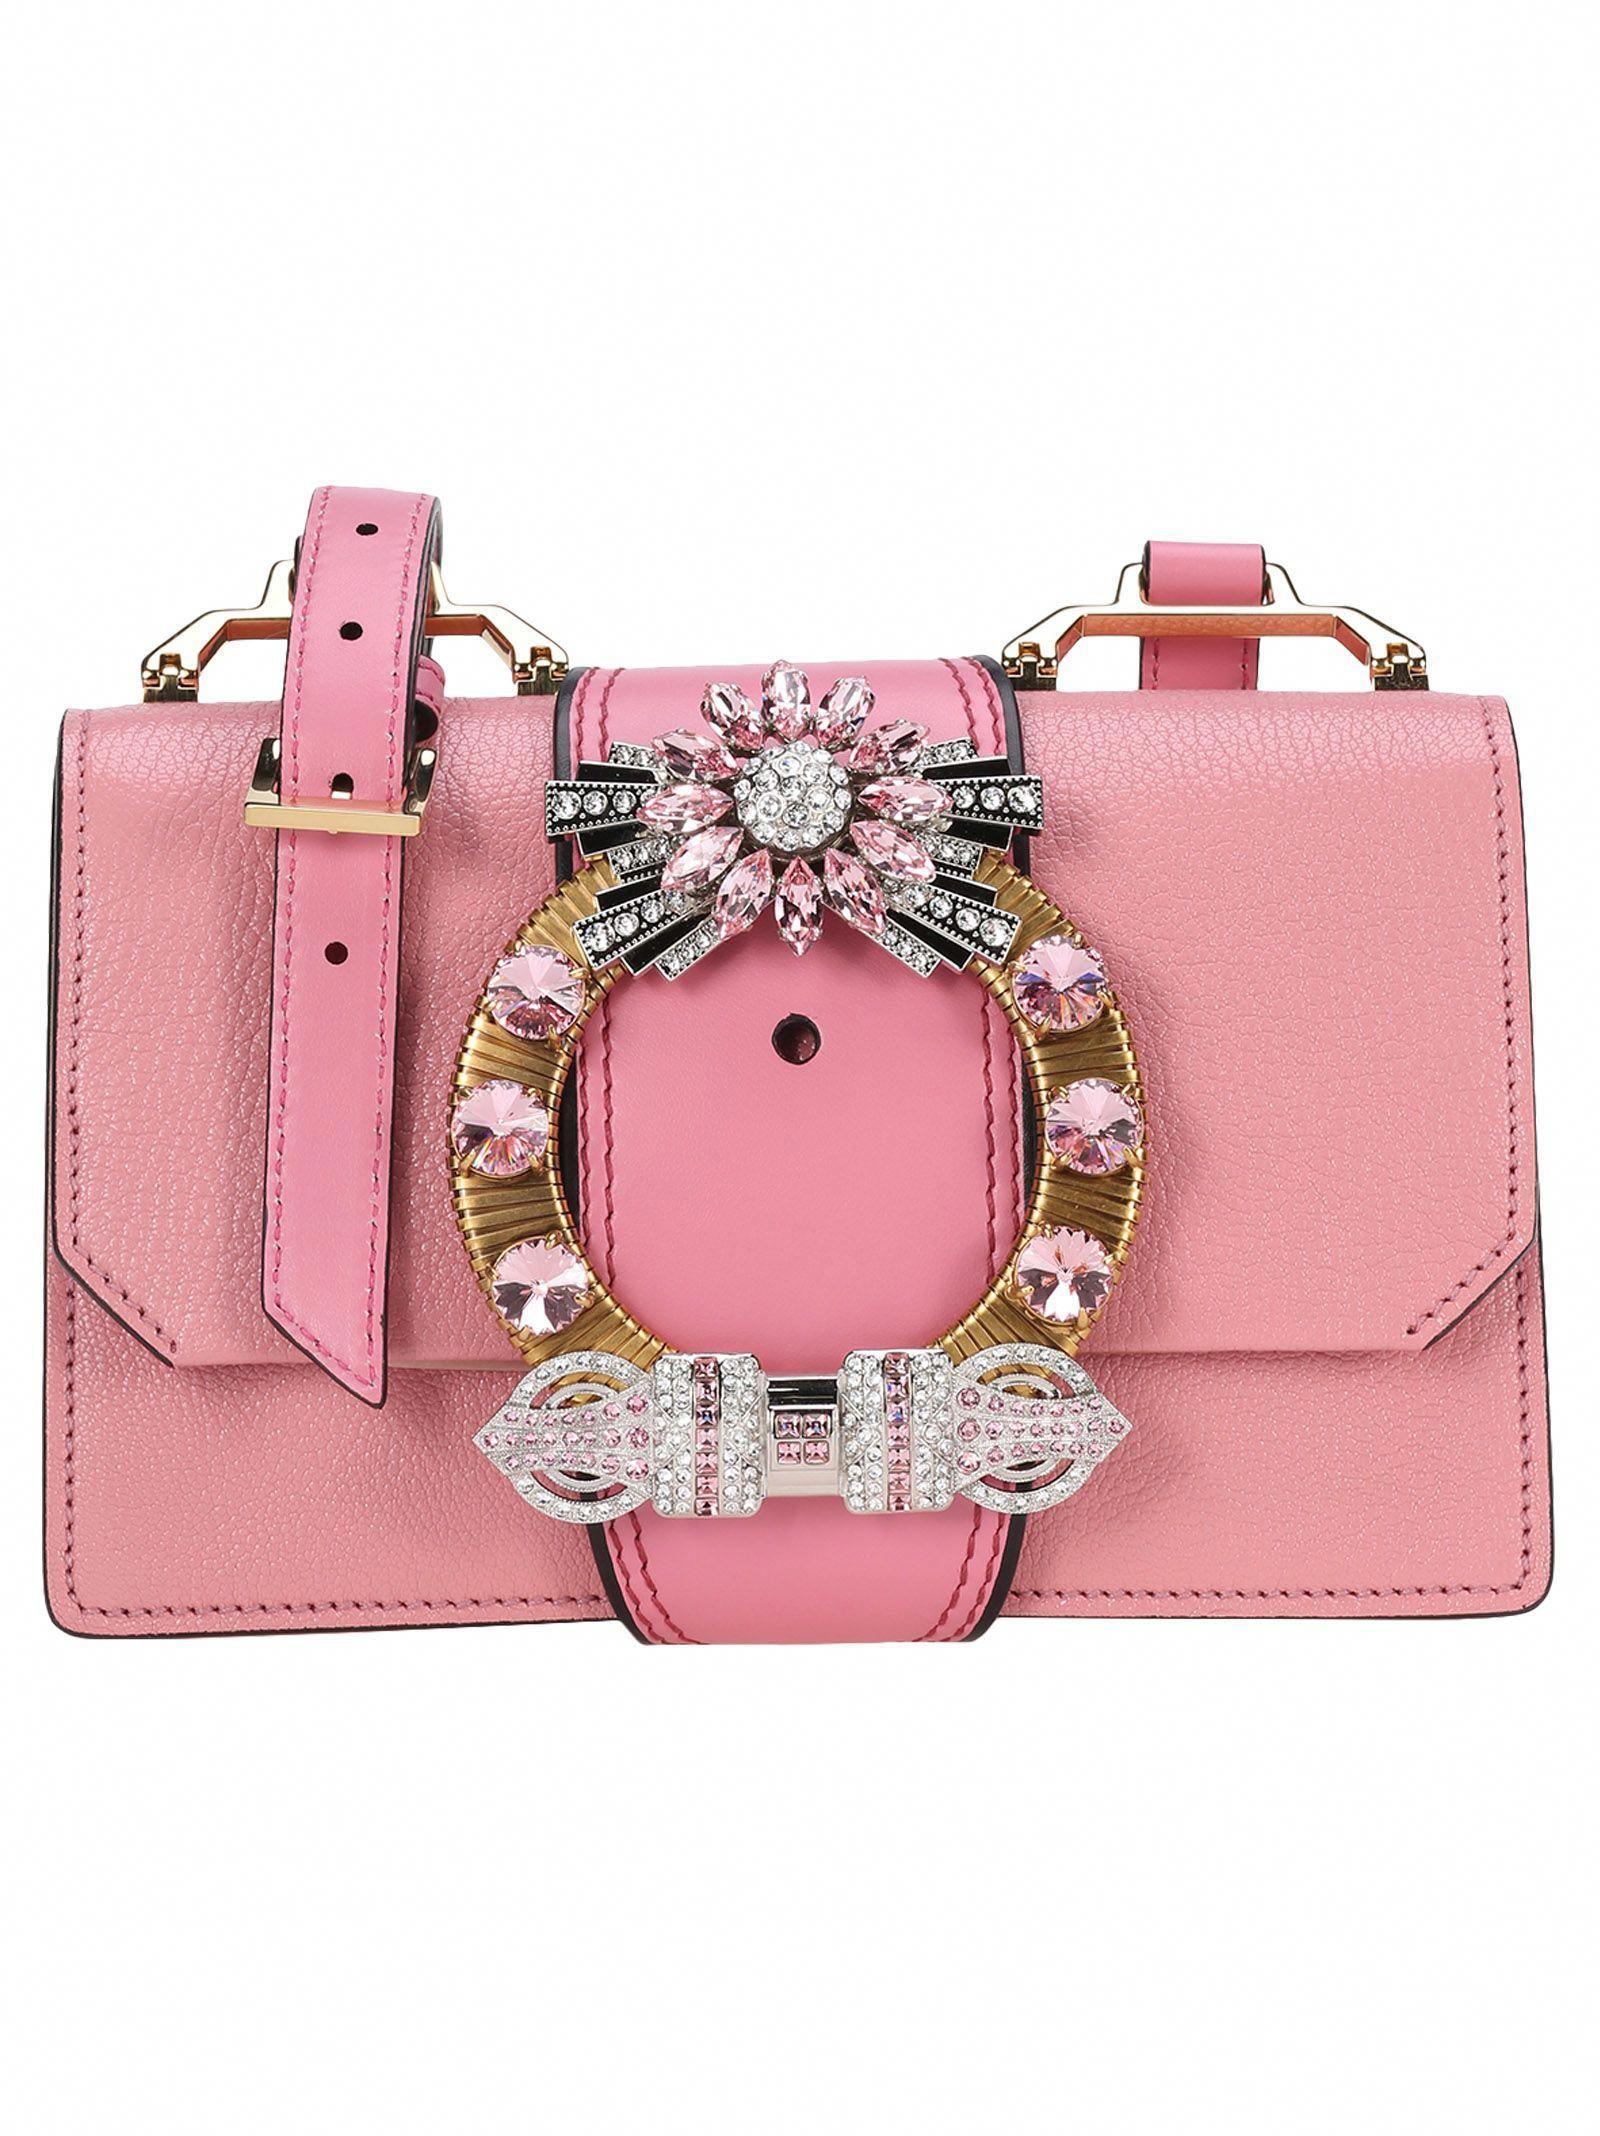 MIU MIU LADY MADRAS SATCHEL.  miumiu  bags  shoulder bags  hand bags   satchel   112938ff1e4cc